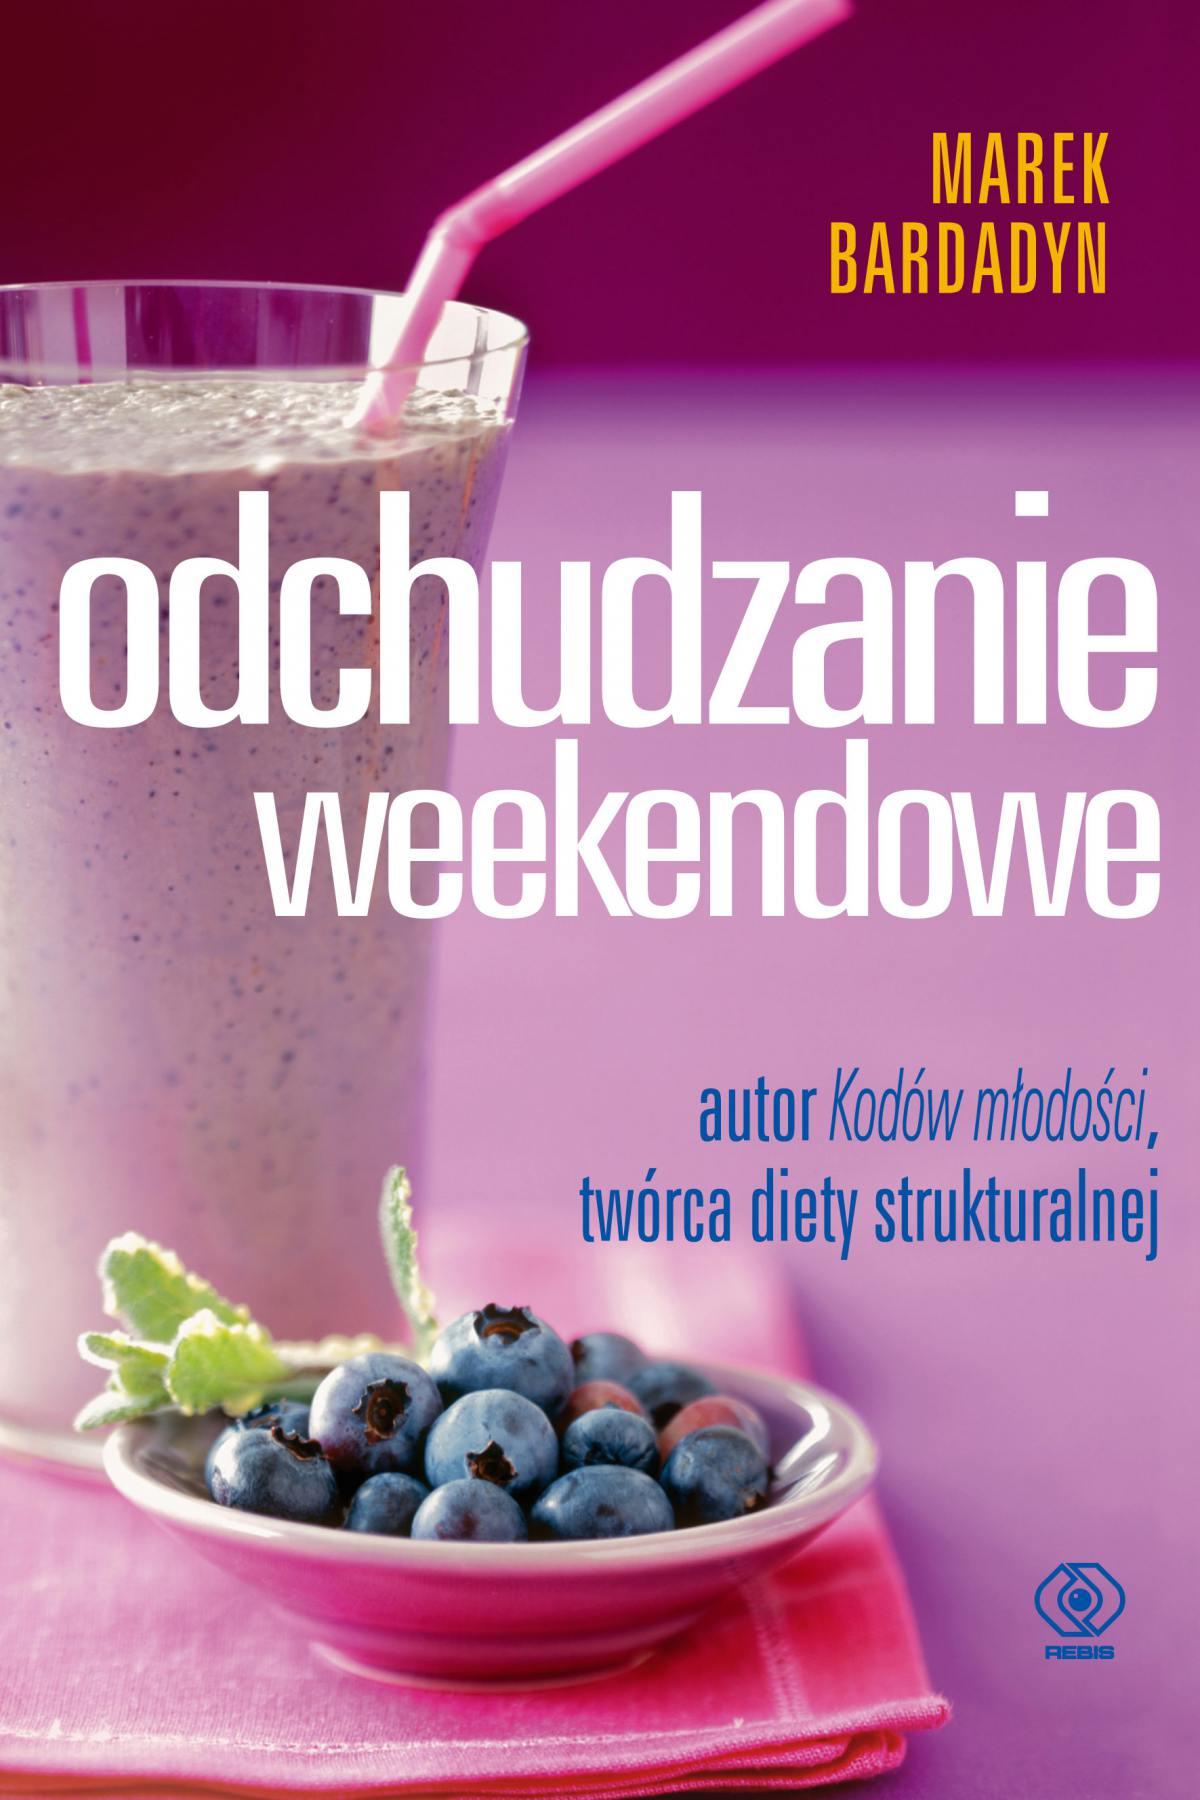 Odchudzanie weekendowe - Ebook (Książka EPUB) do pobrania w formacie EPUB